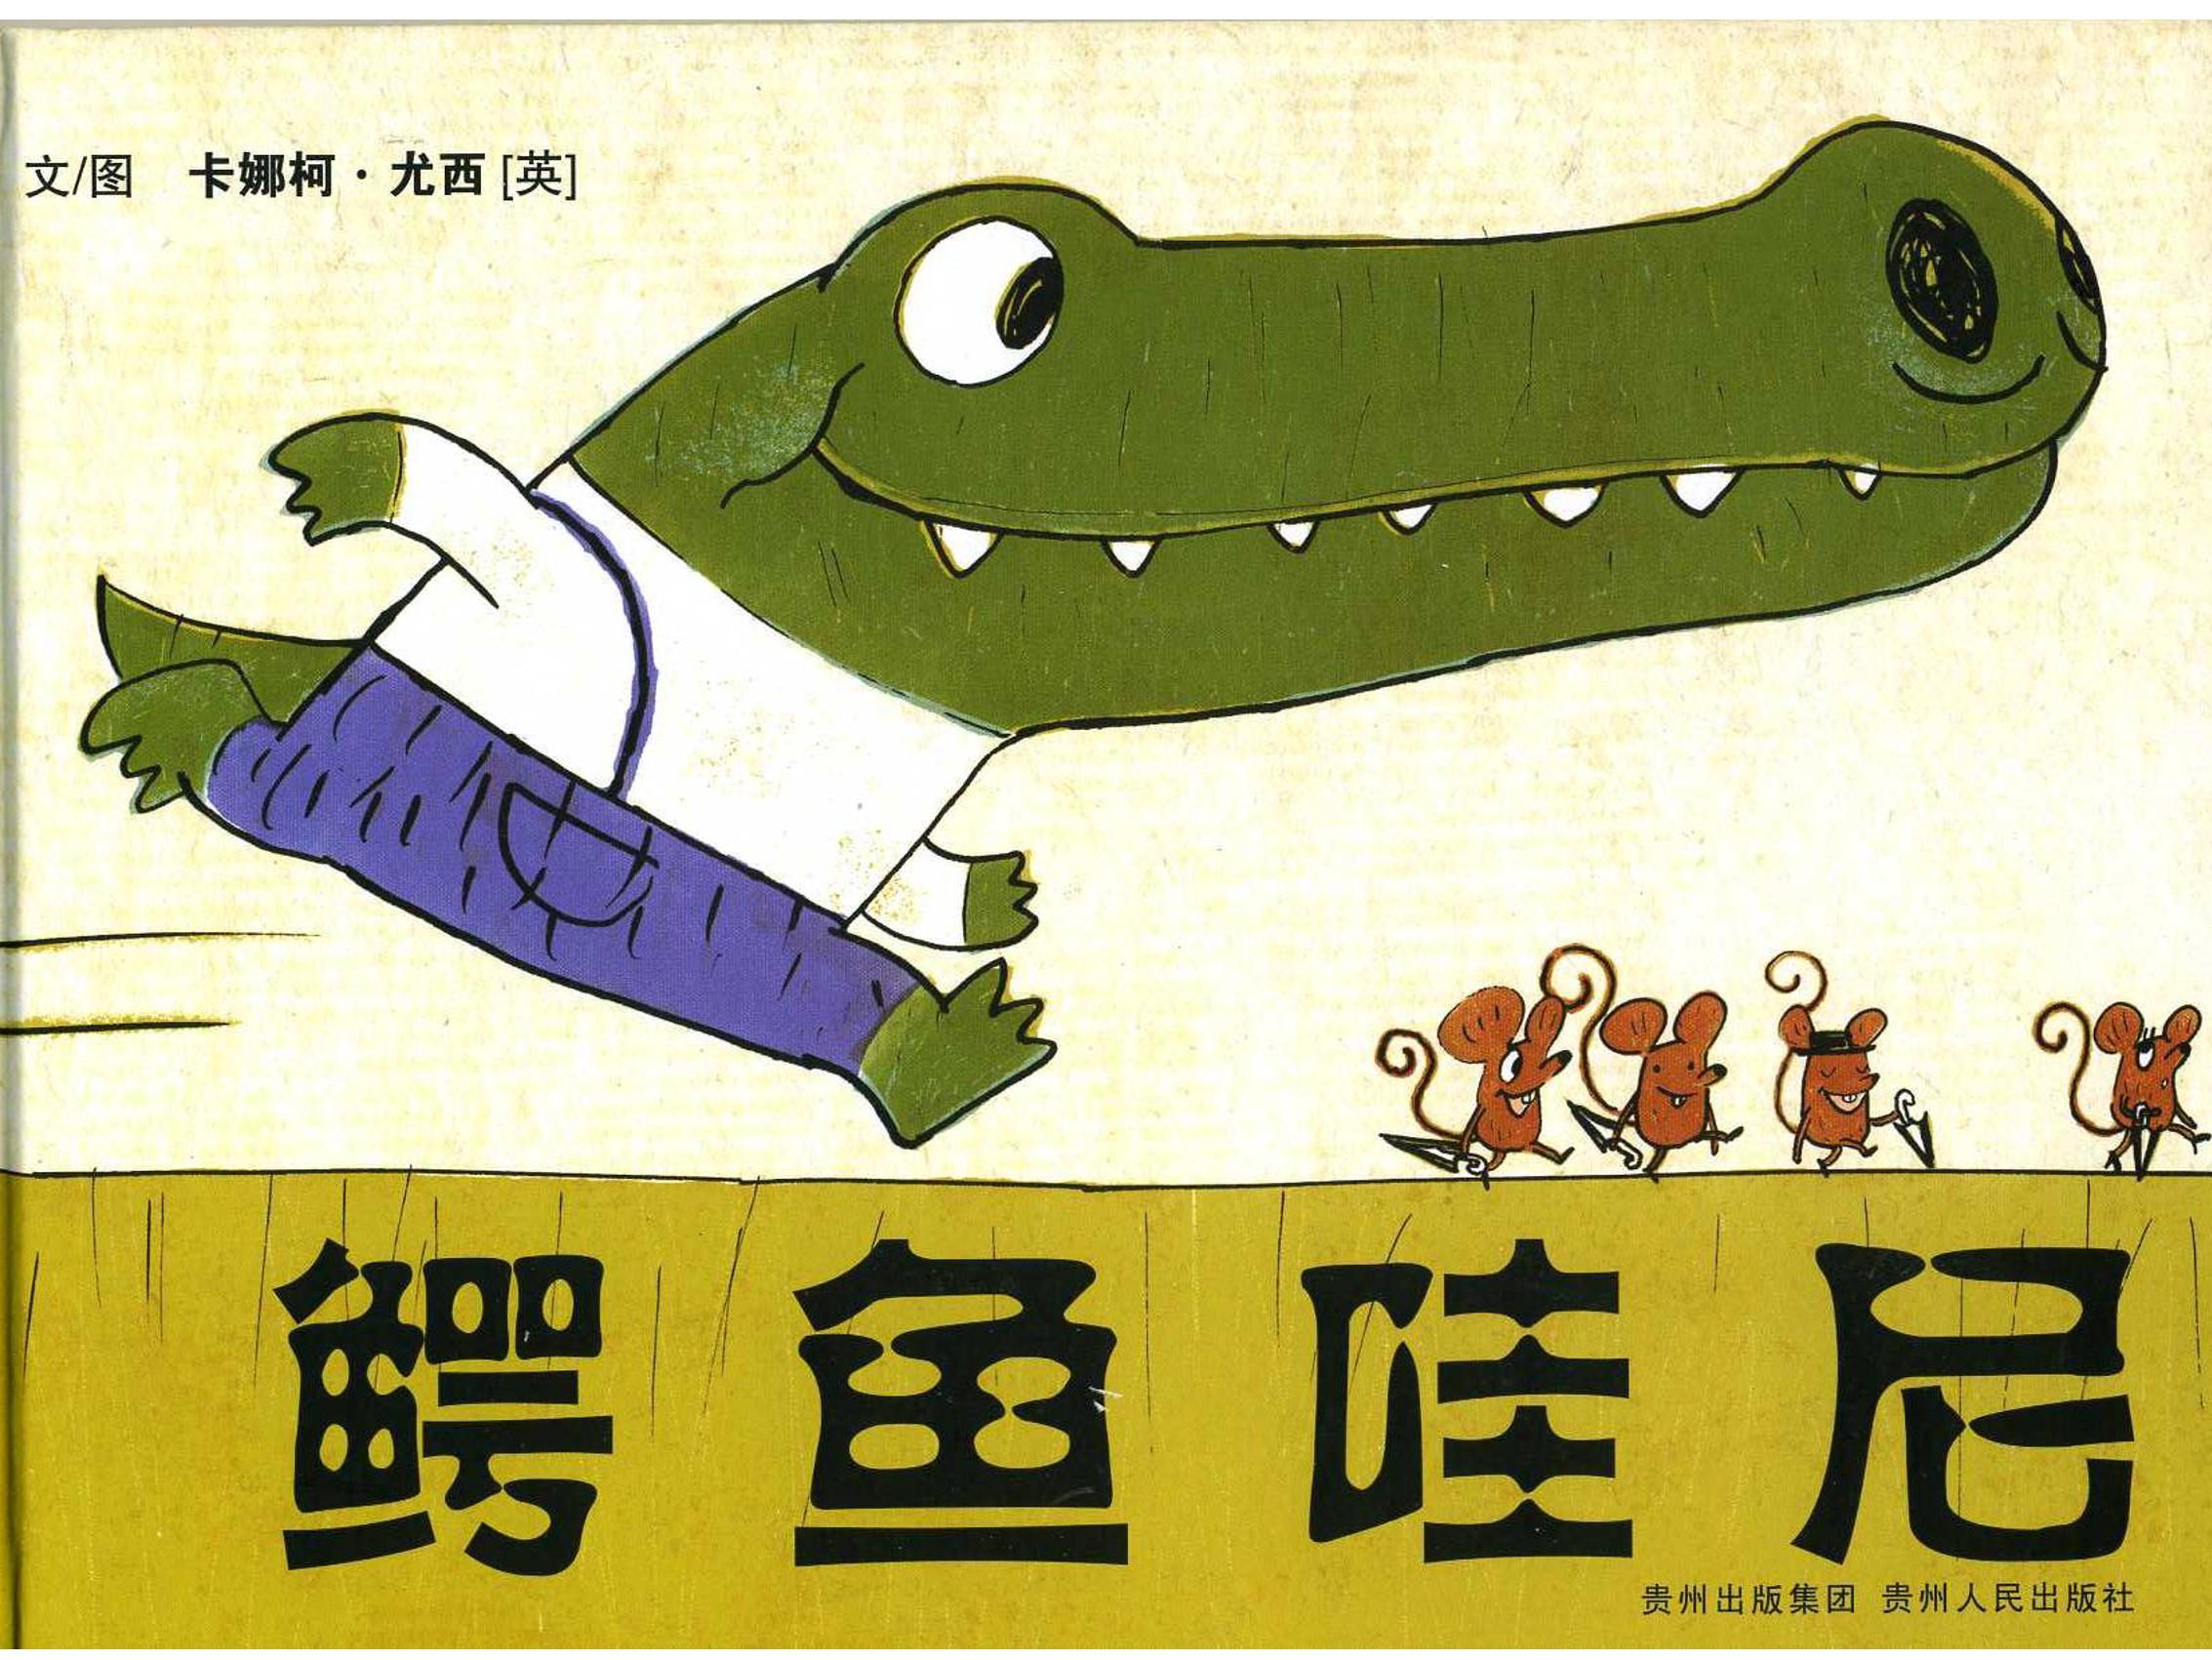 《鳄鱼哇尼》绘本故事PPT